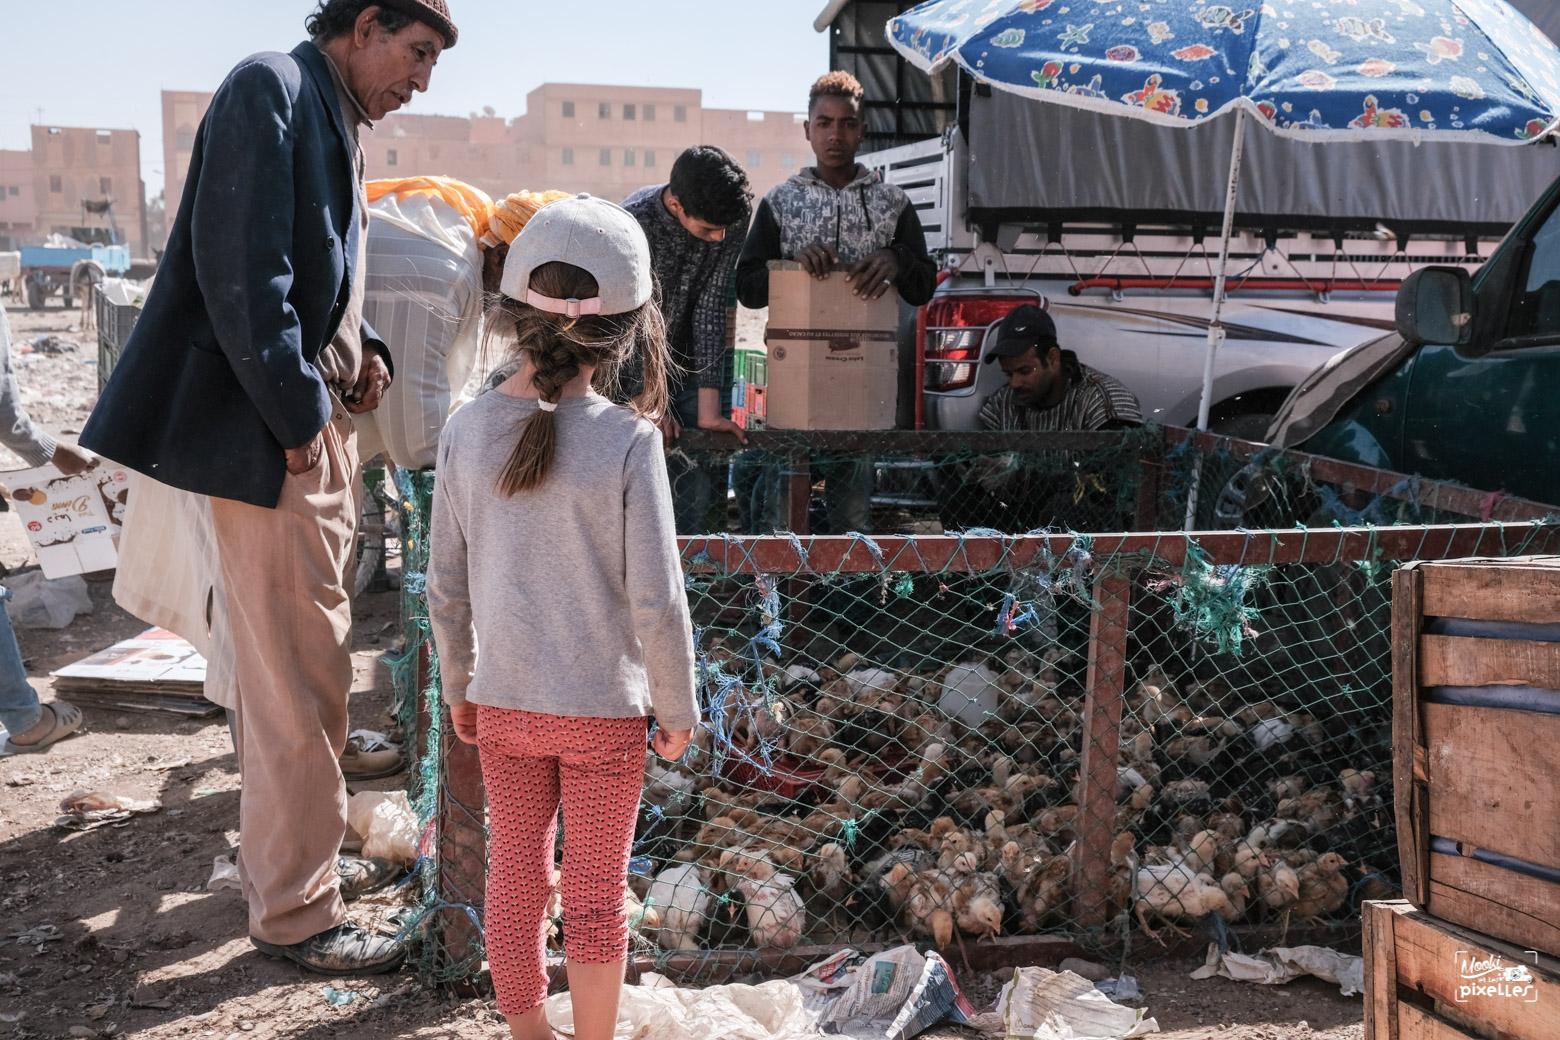 Une enfant regarde un marchand de poussins